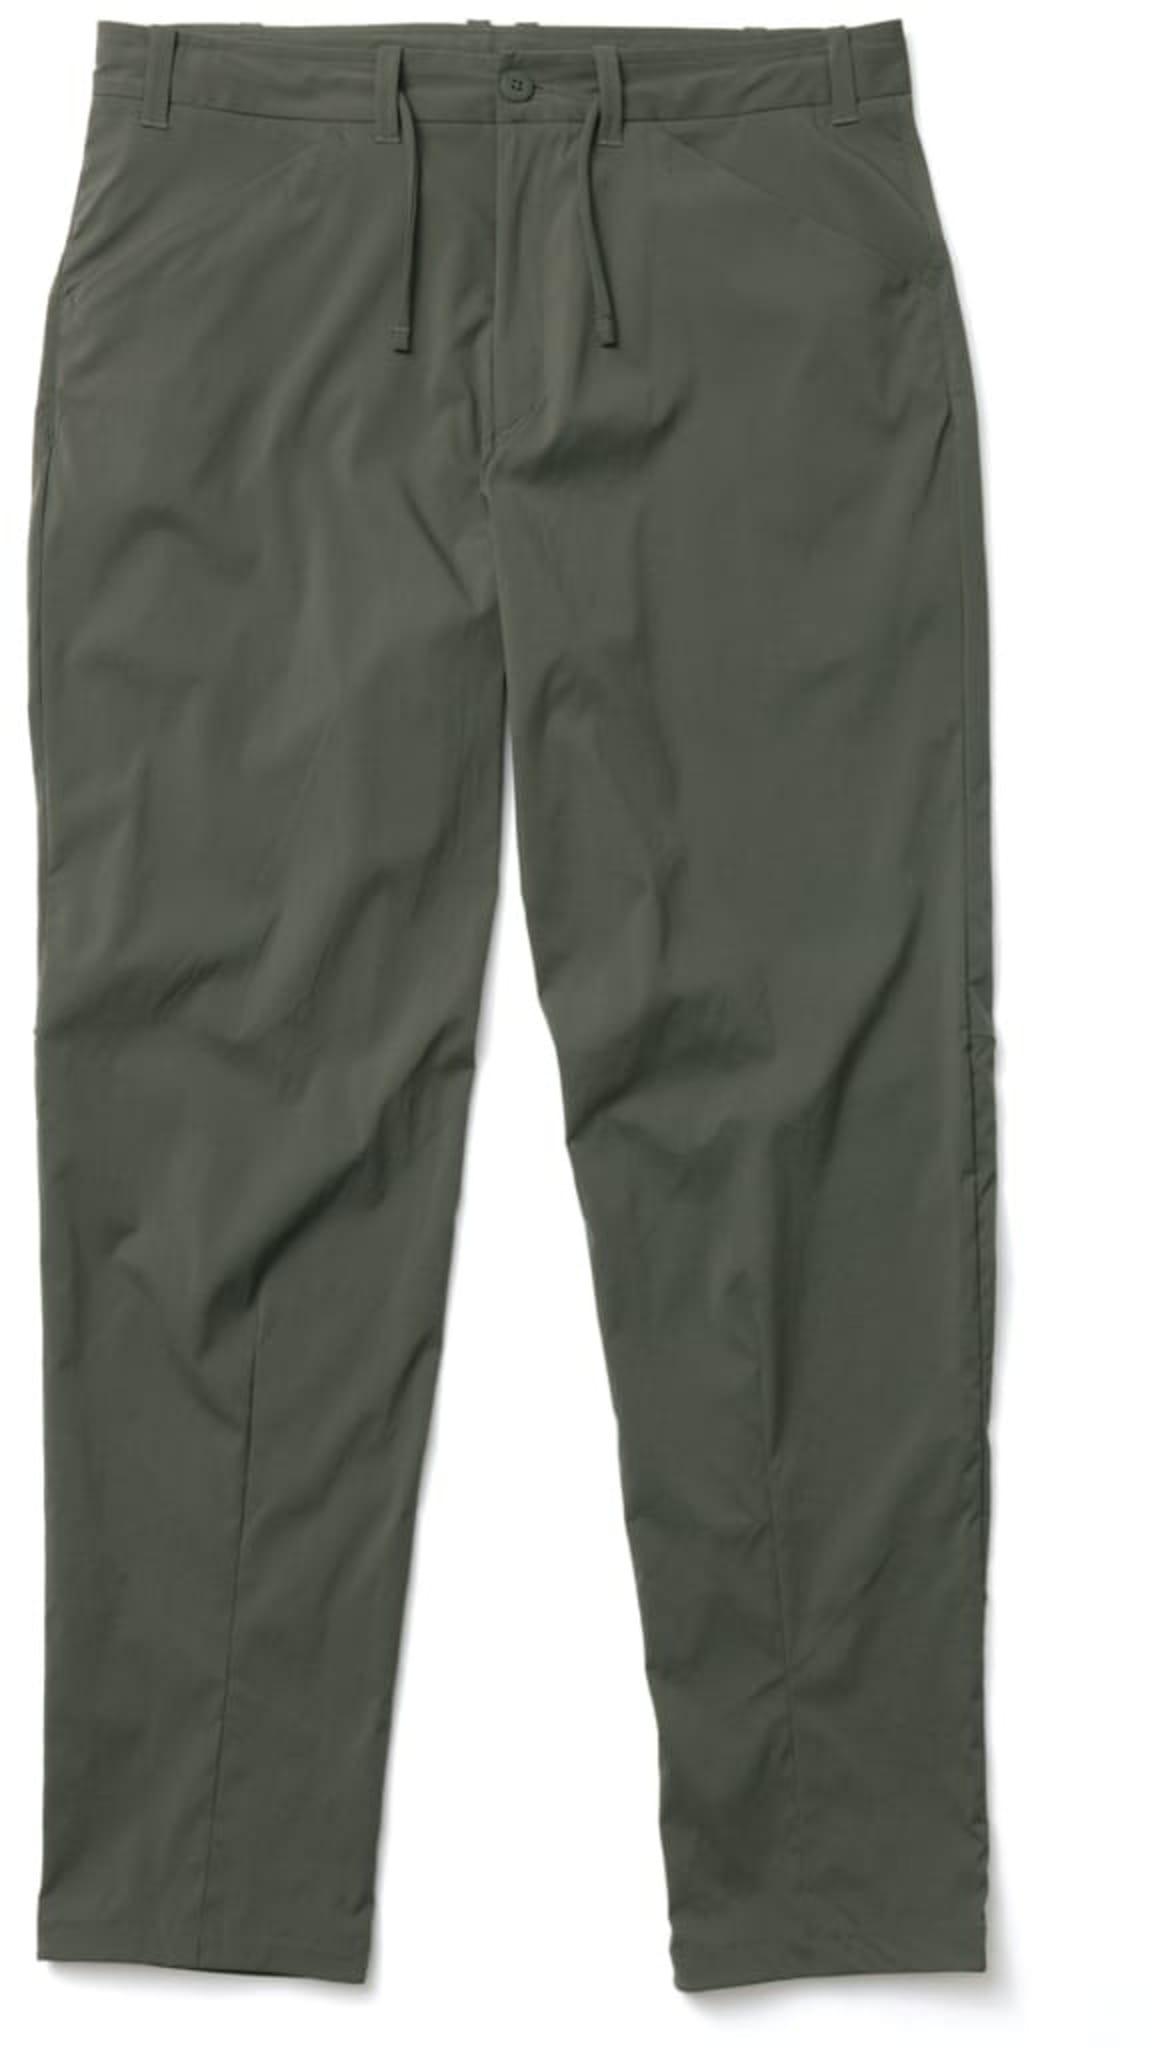 Lett og chill bukse til sommeraktiviteter